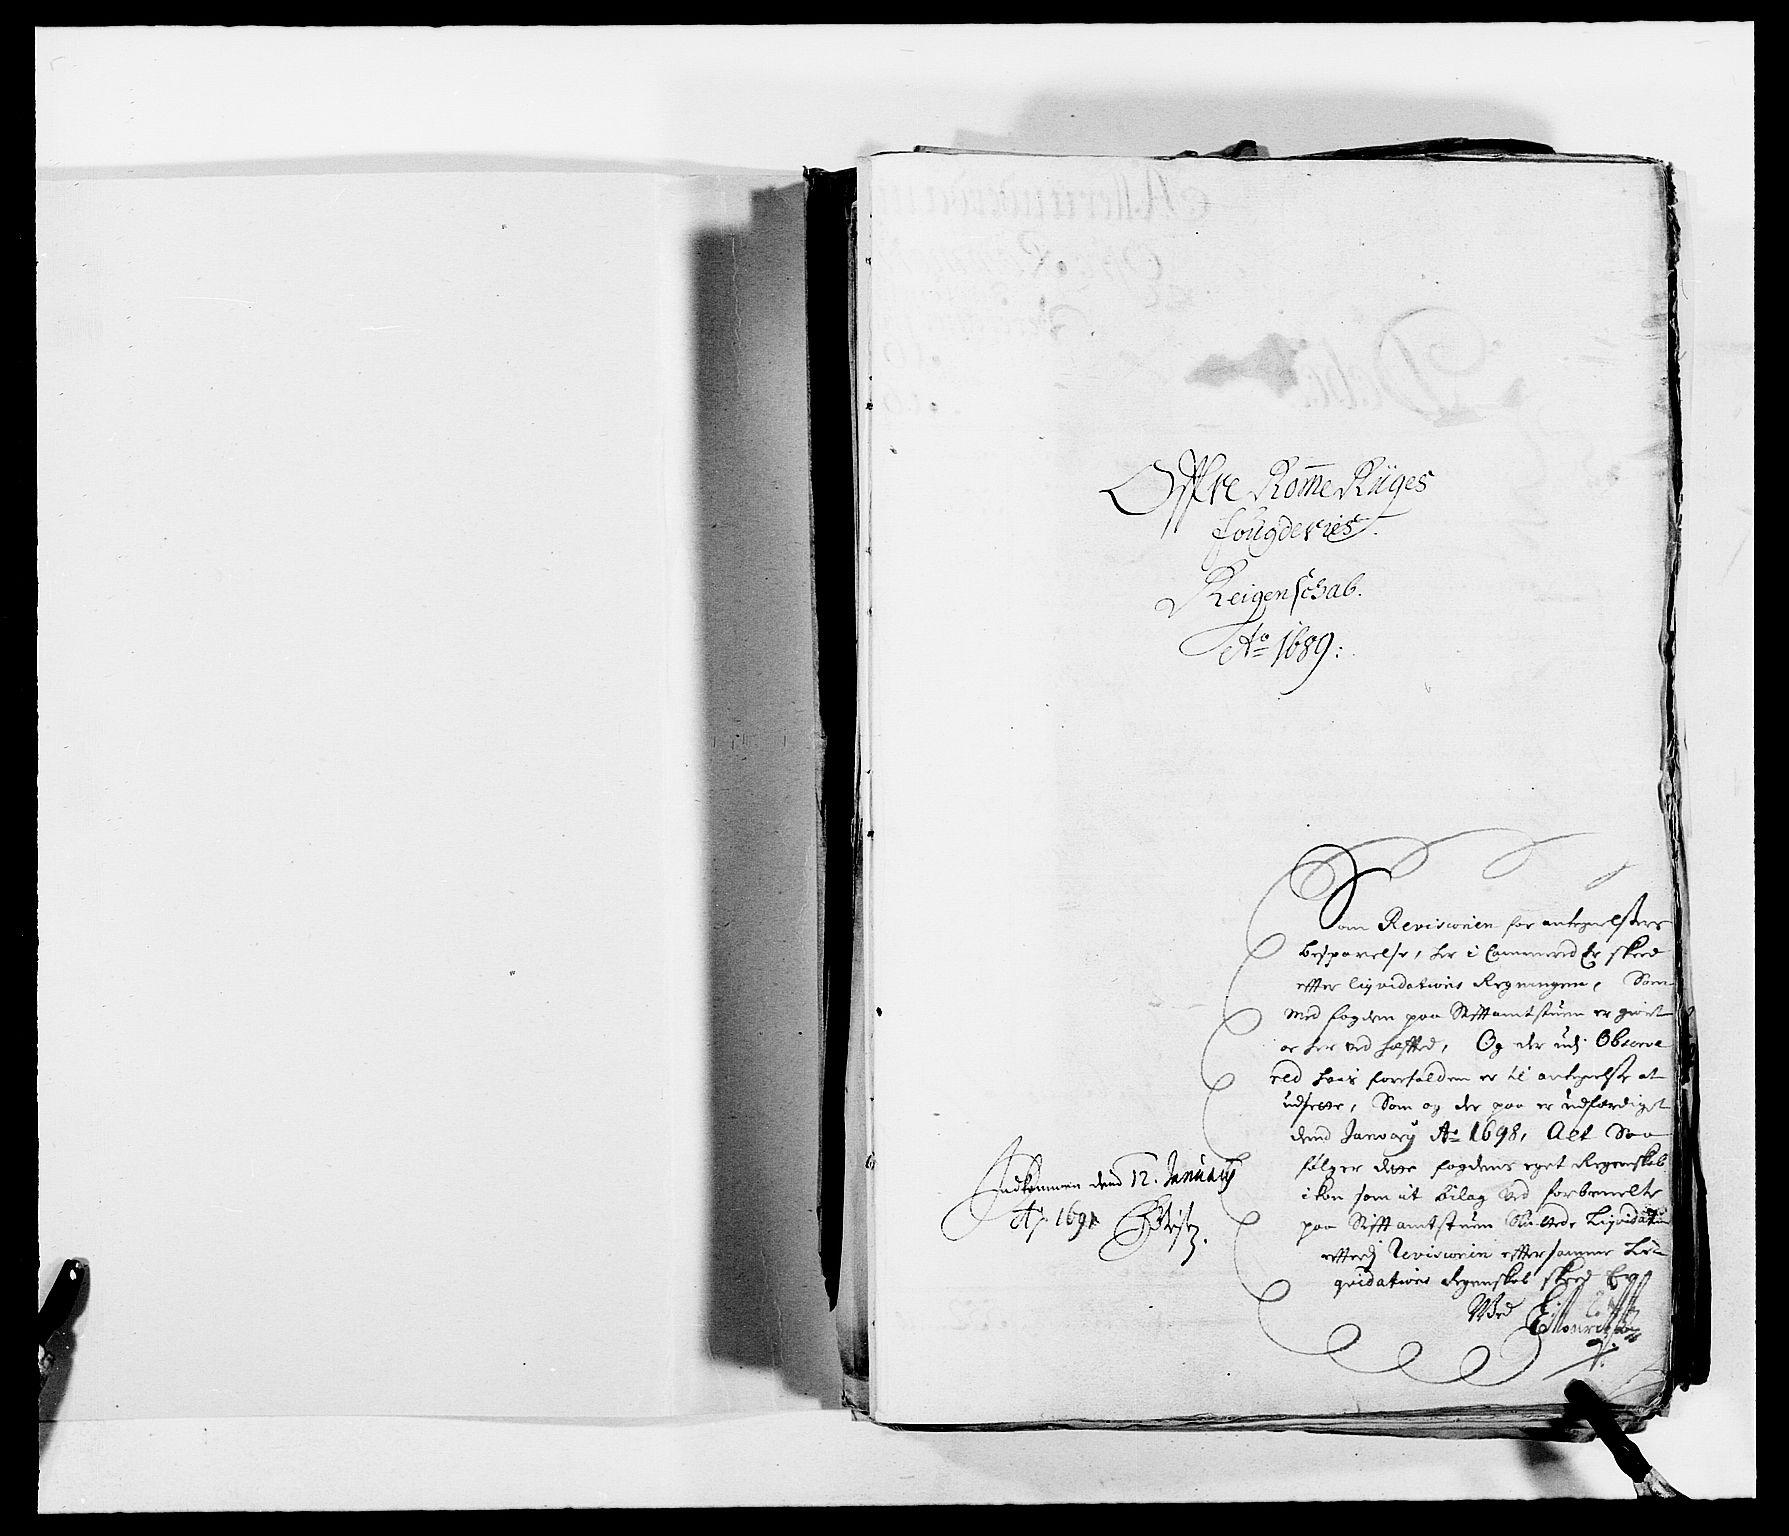 RA, Rentekammeret inntil 1814, Reviderte regnskaper, Fogderegnskap, R12/L0701: Fogderegnskap Øvre Romerike, 1689, s. 2